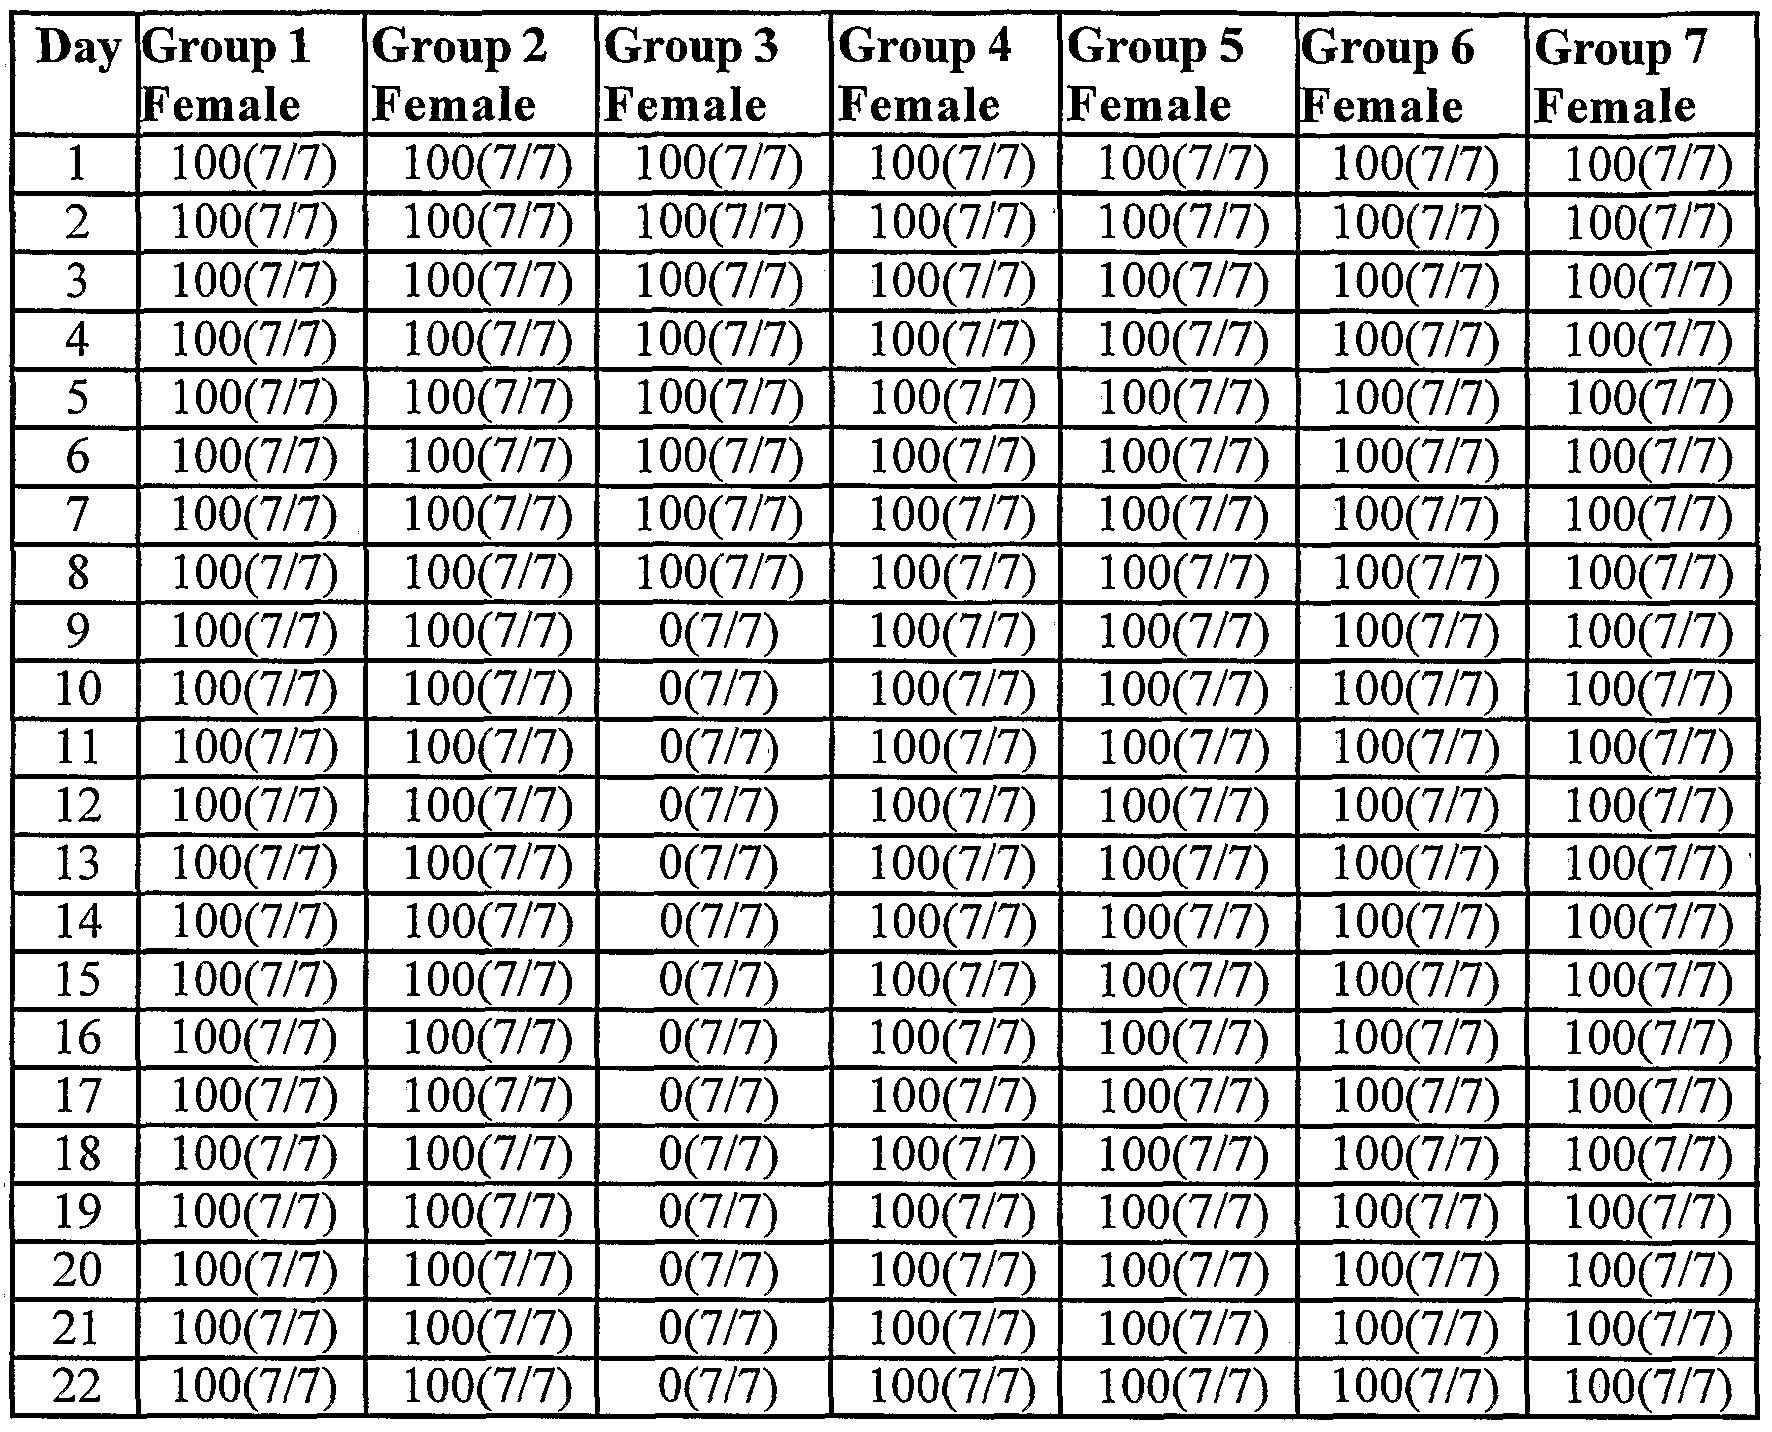 28 Day Multi Dose Calendar | Printable Calendar Template 2020 Multidose Vial Calendar Printable